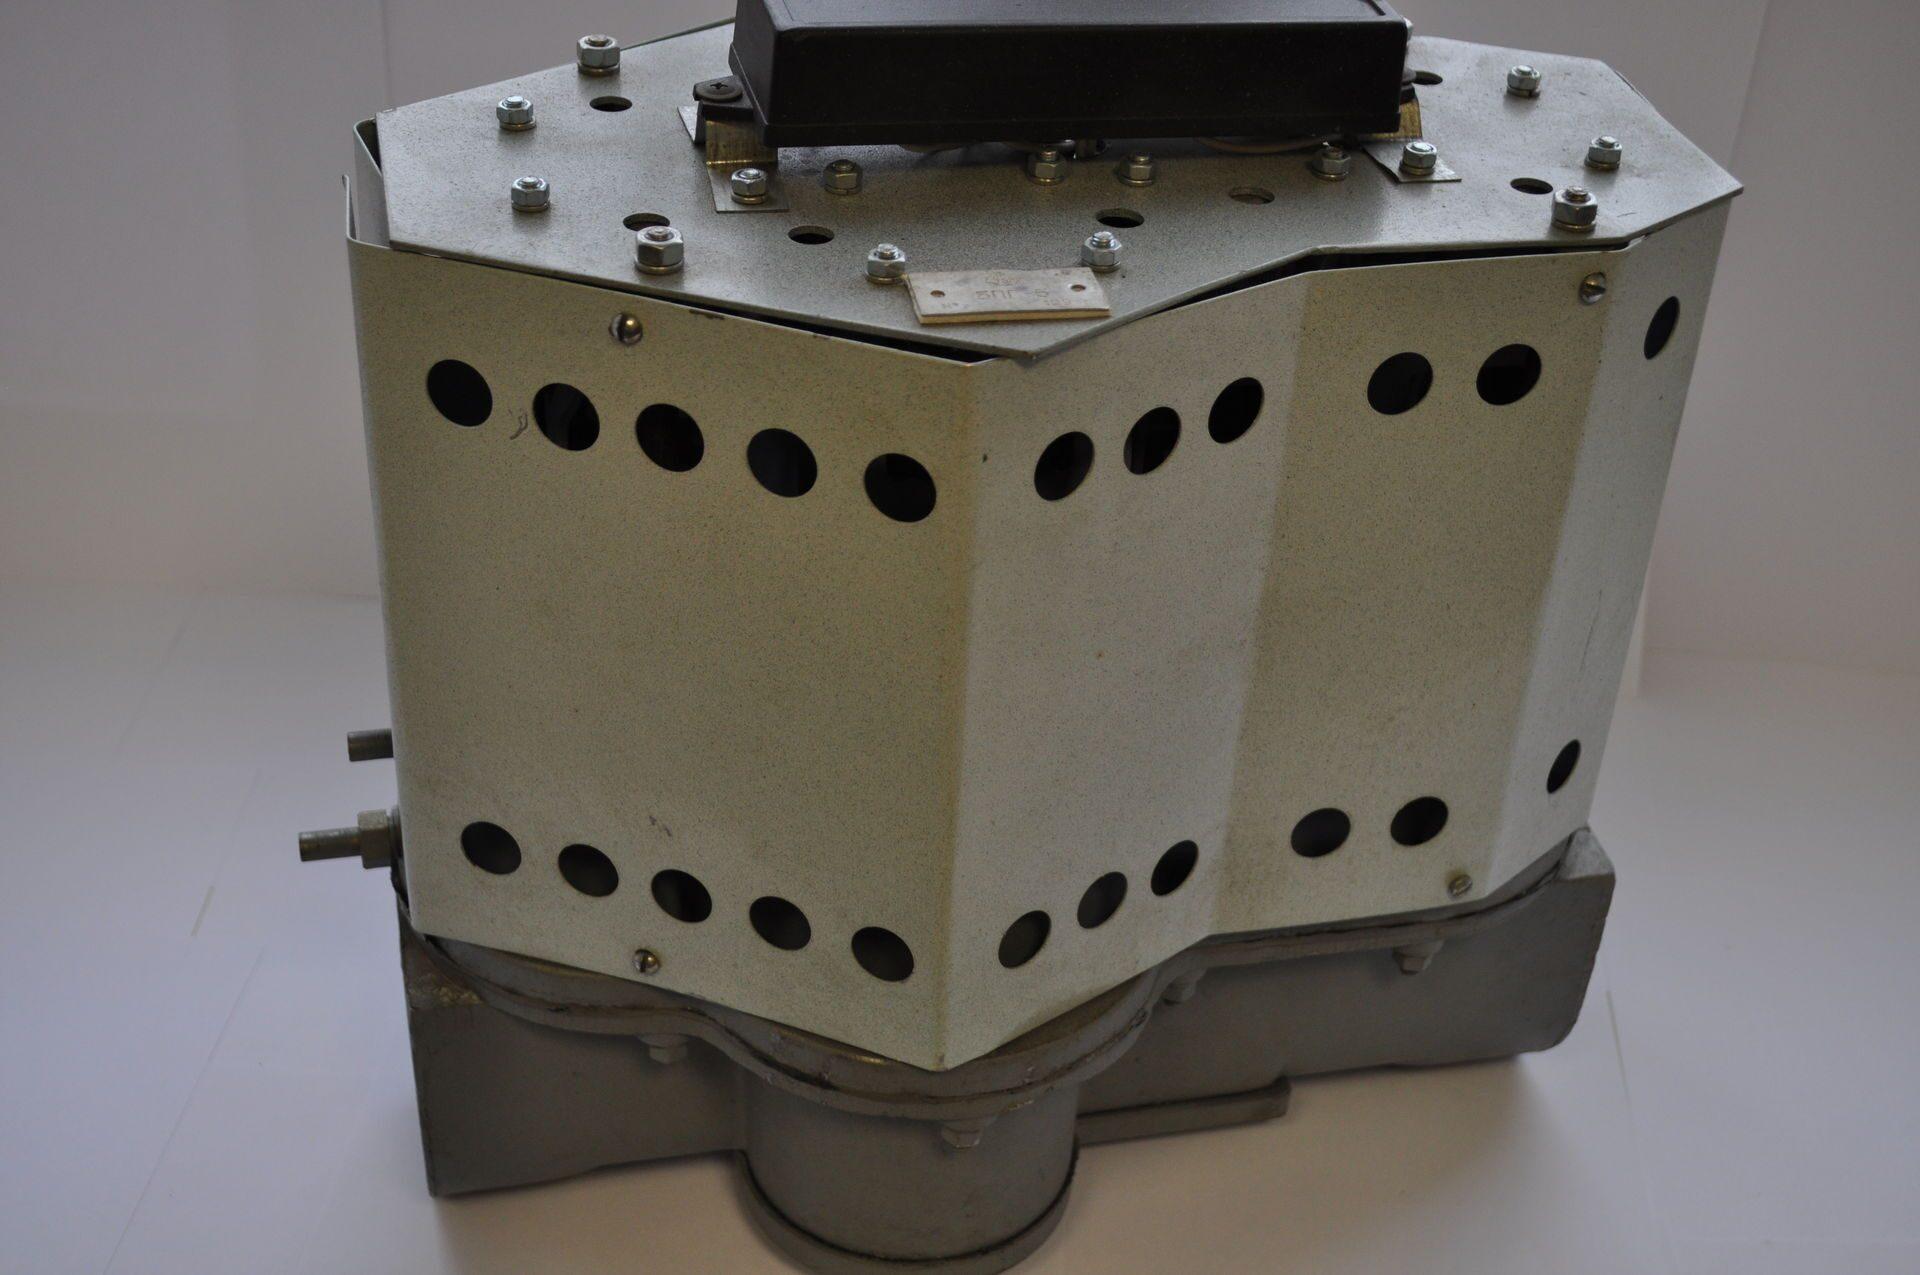 блок питания газовый бпг-2 инструкция